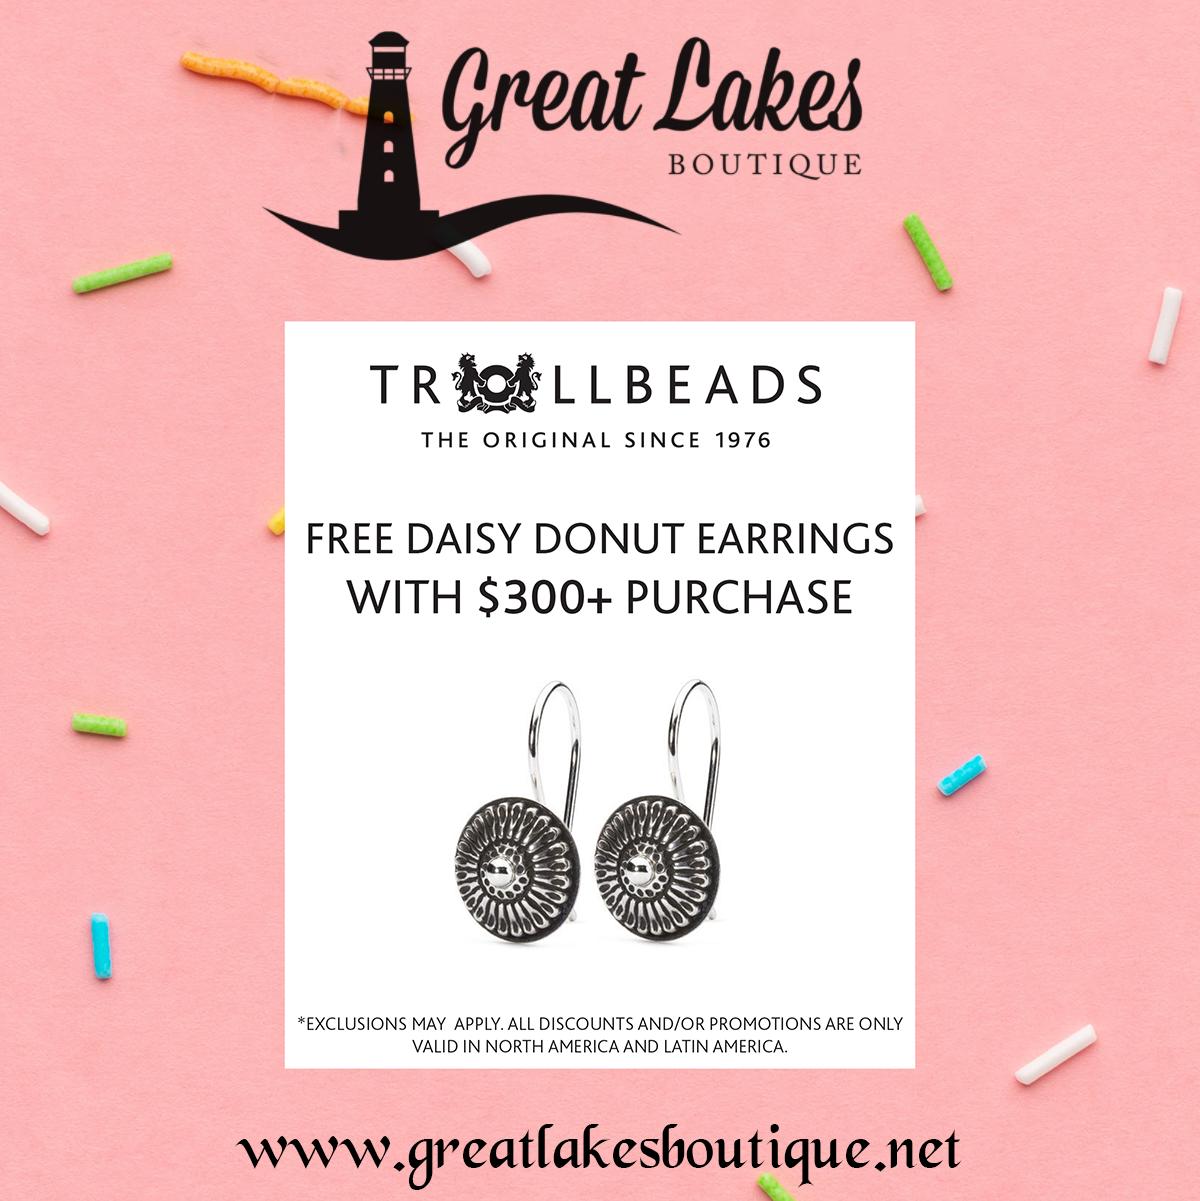 Trollbeads Daisy Donut Earrings